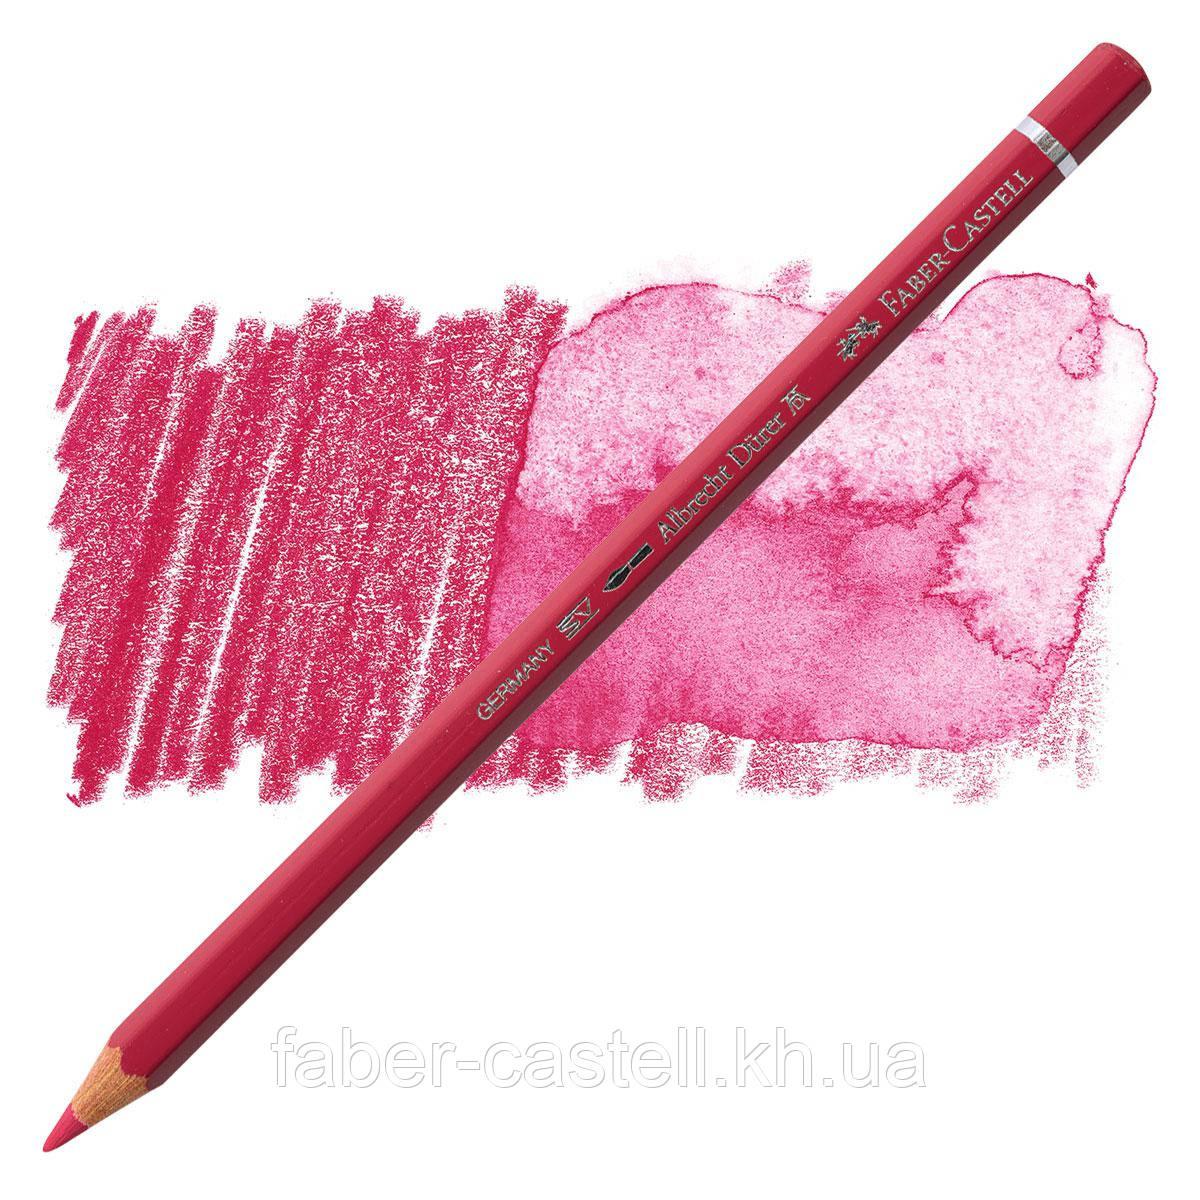 Карандаш акварельный цветной Faber-Castell Albrecht Dürer розово-карминовый (Pink Carmine)  № 127, 117627